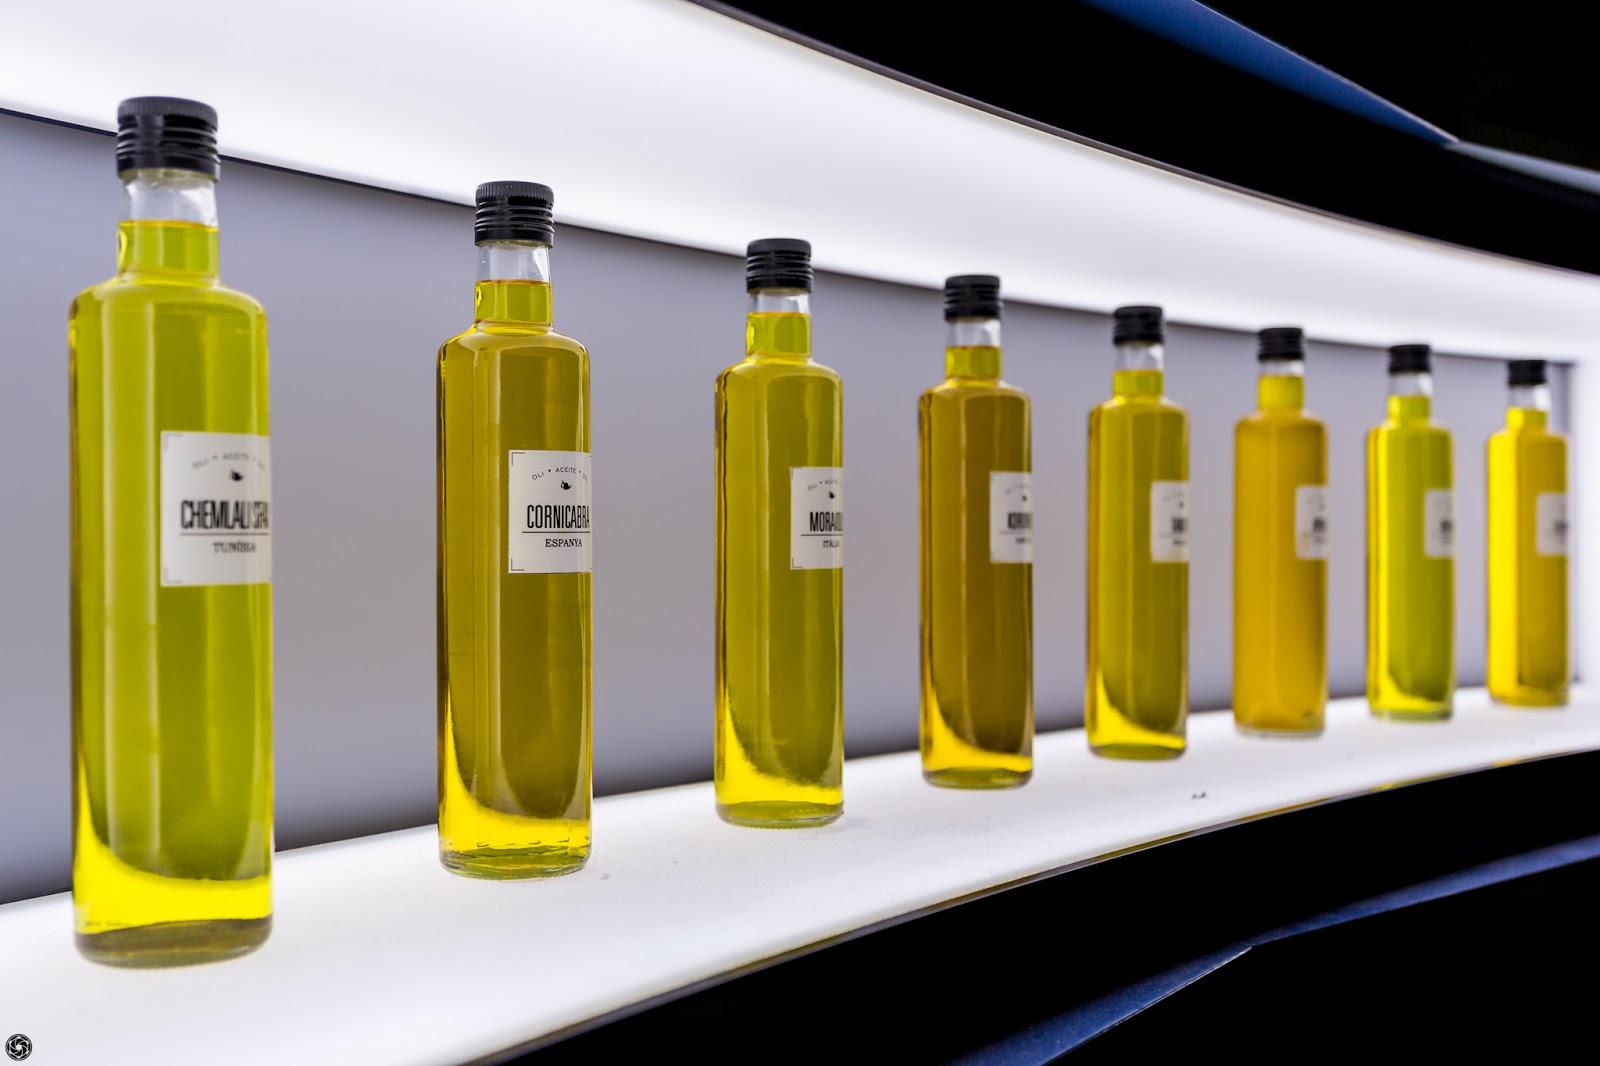 Perspectiva oleosa :: Canon EOS 5D MkIII | ISO200 | Canon 17-40 @40mm | f/4.5 | 1/40s